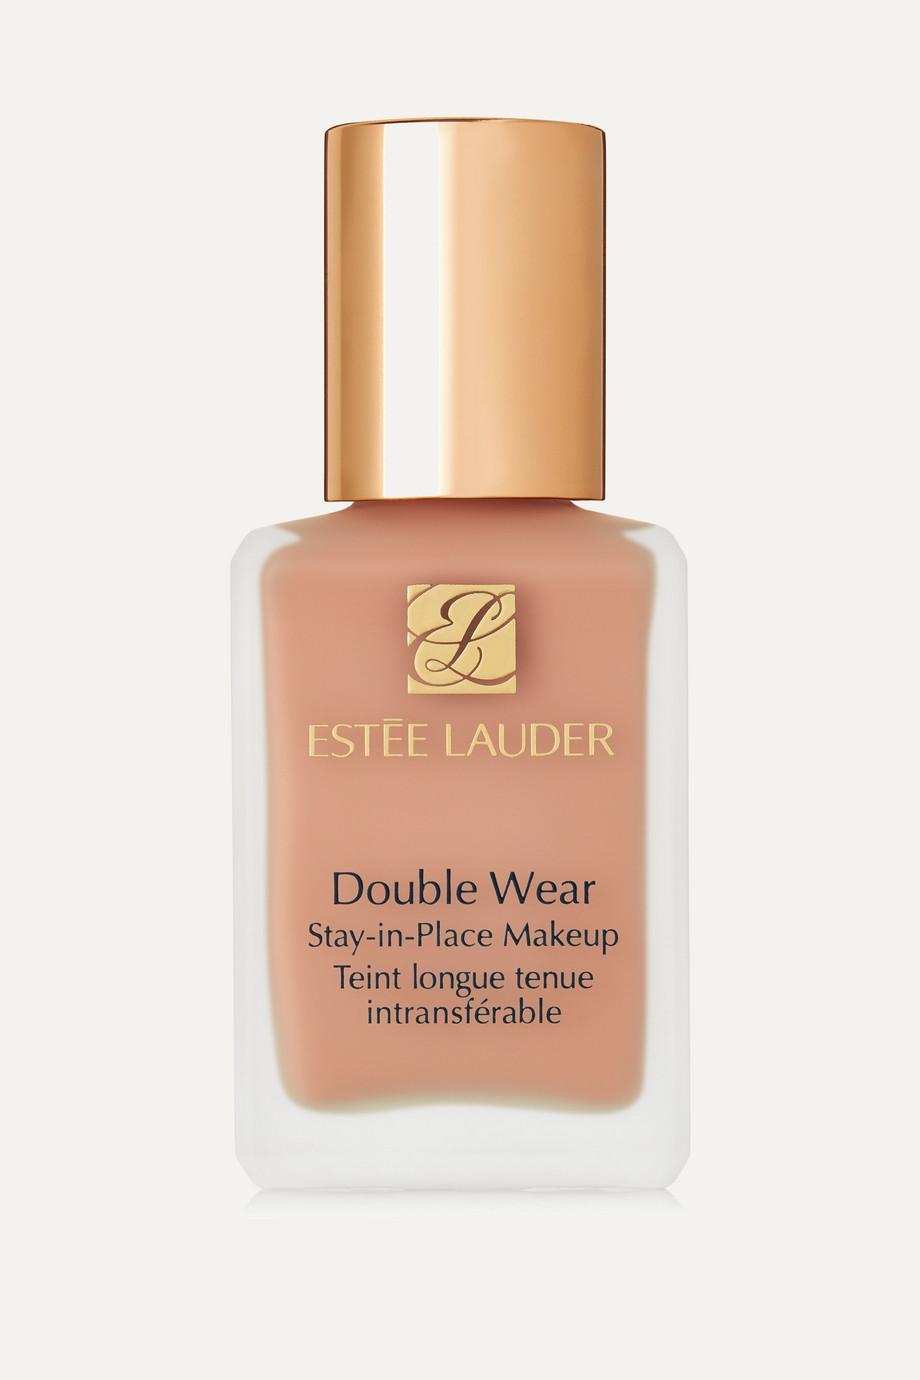 Estée Lauder Double Wear Stay-in-Place Makeup - Ivory Rose 2C4